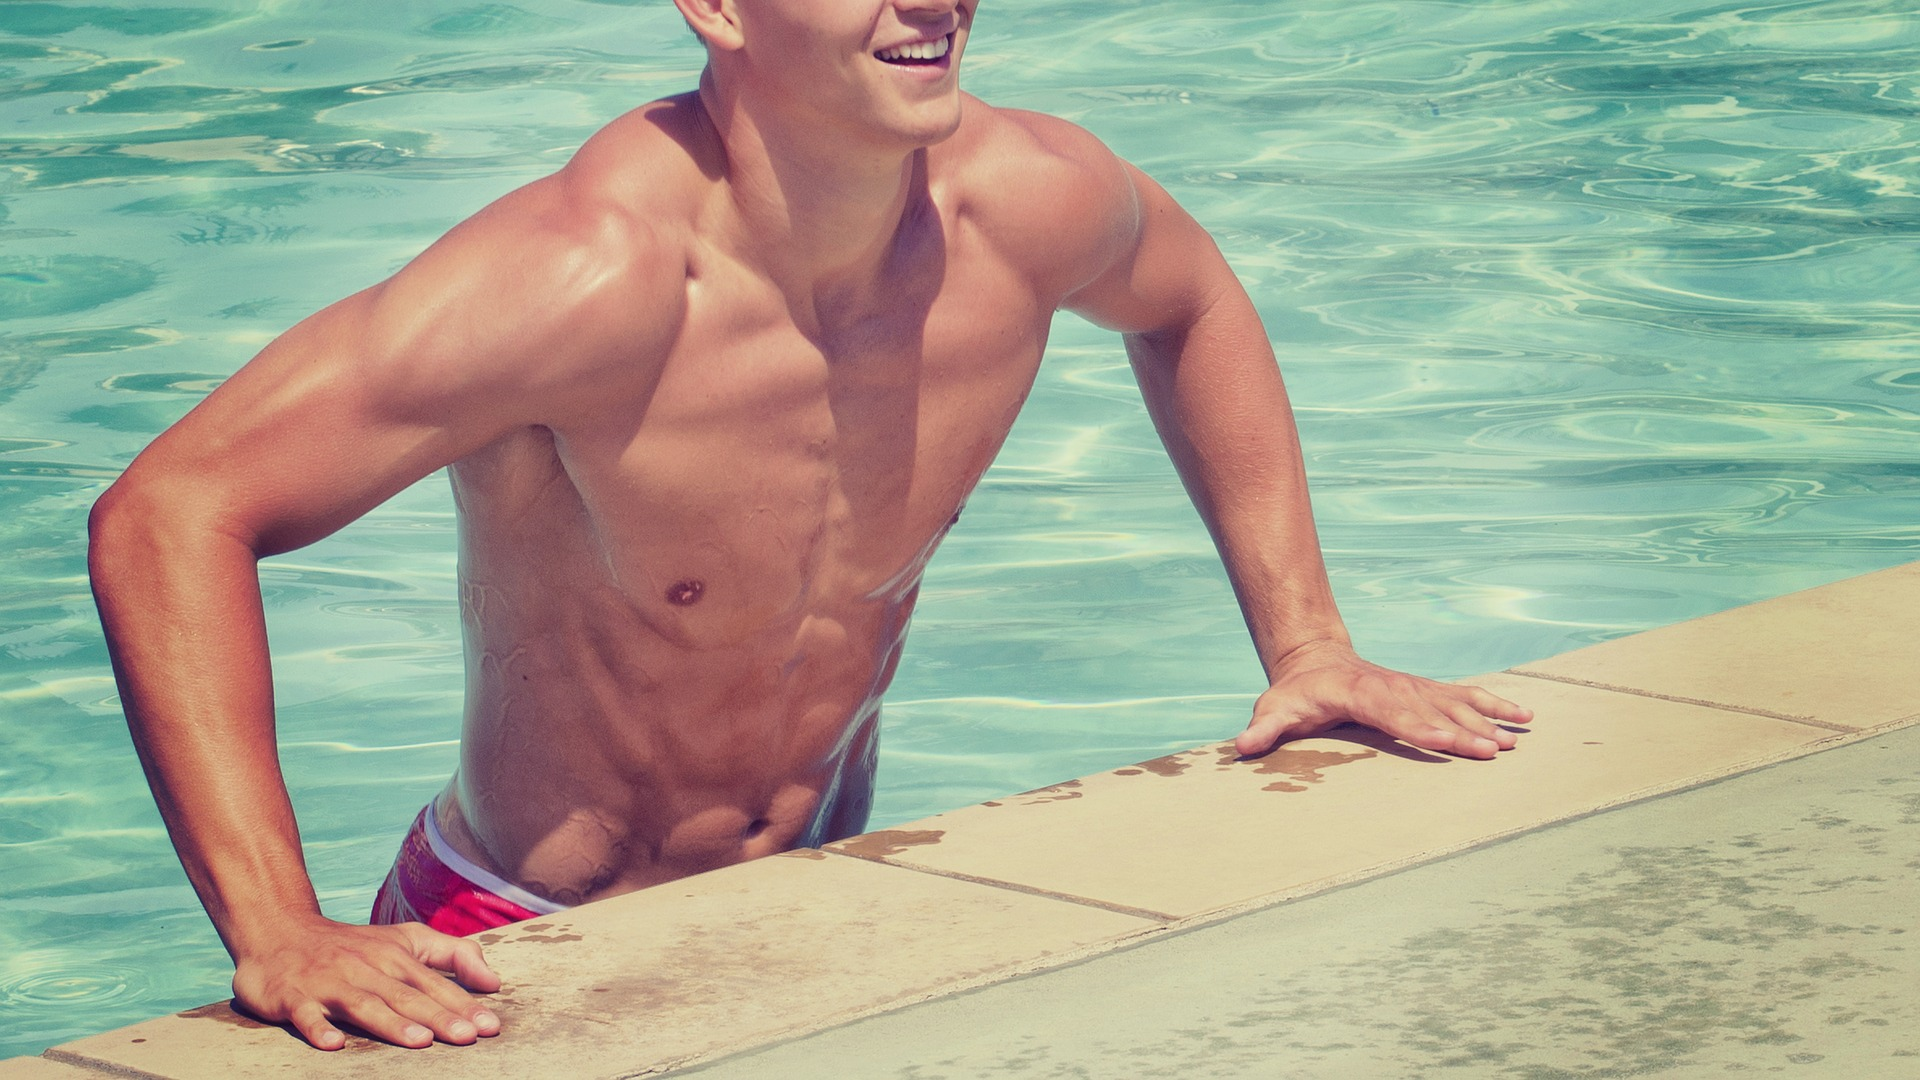 Plavání prospívá našemu tělu